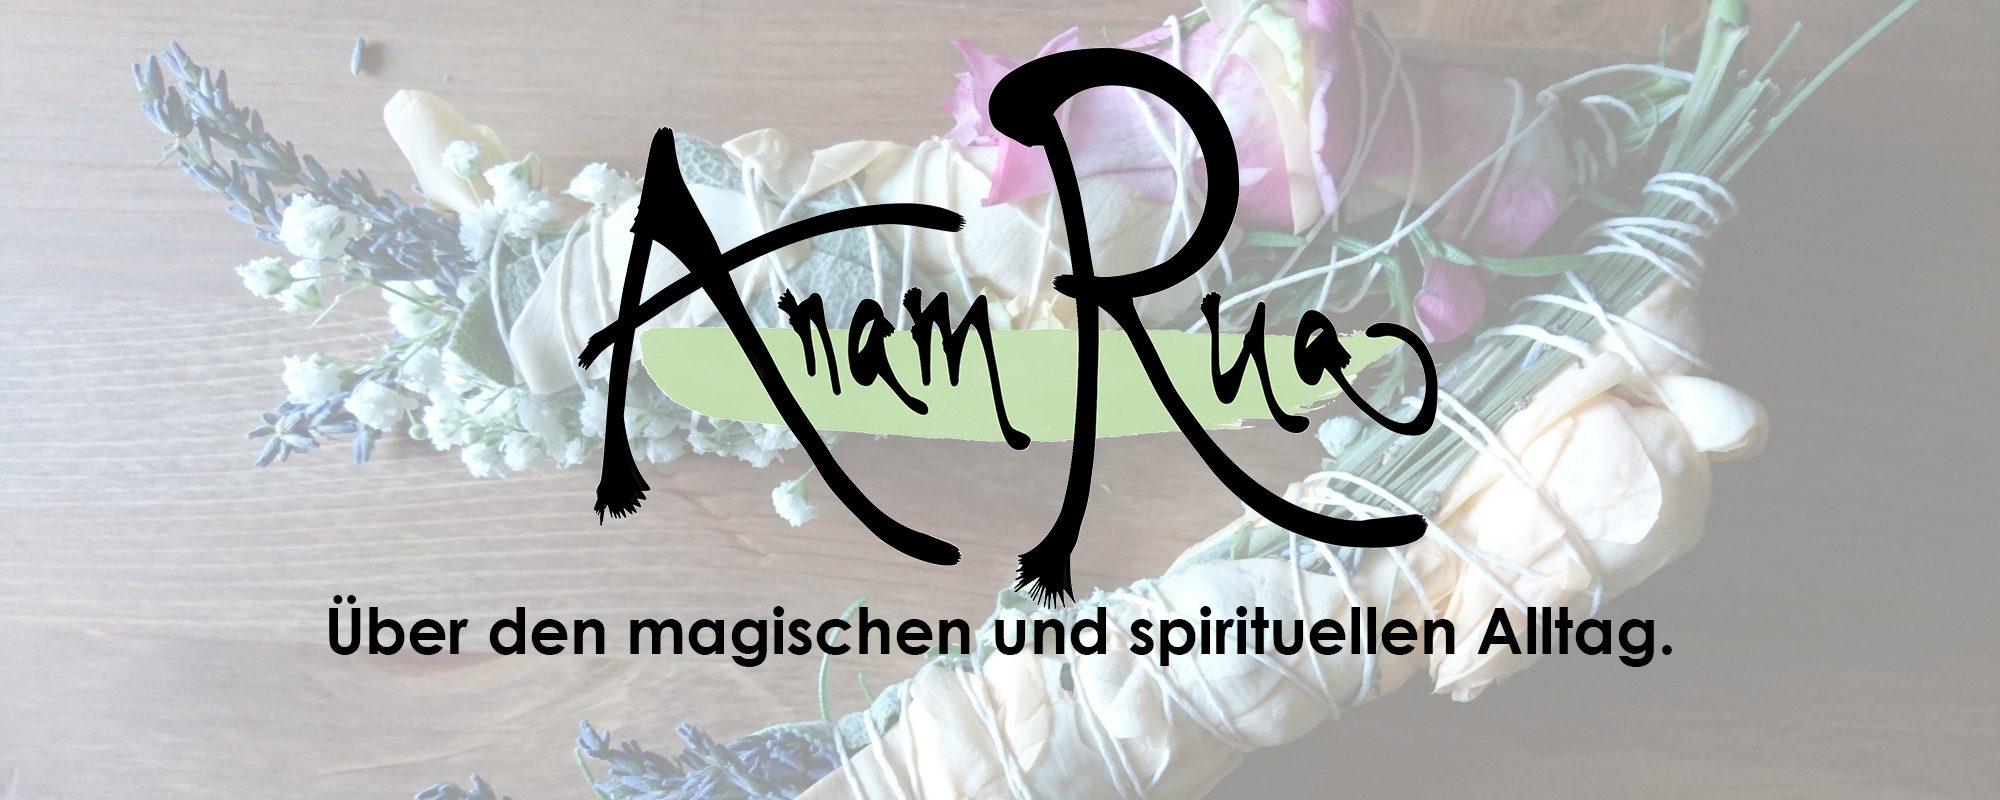 Anam Rua - über den magischen und spirituellen Alltag